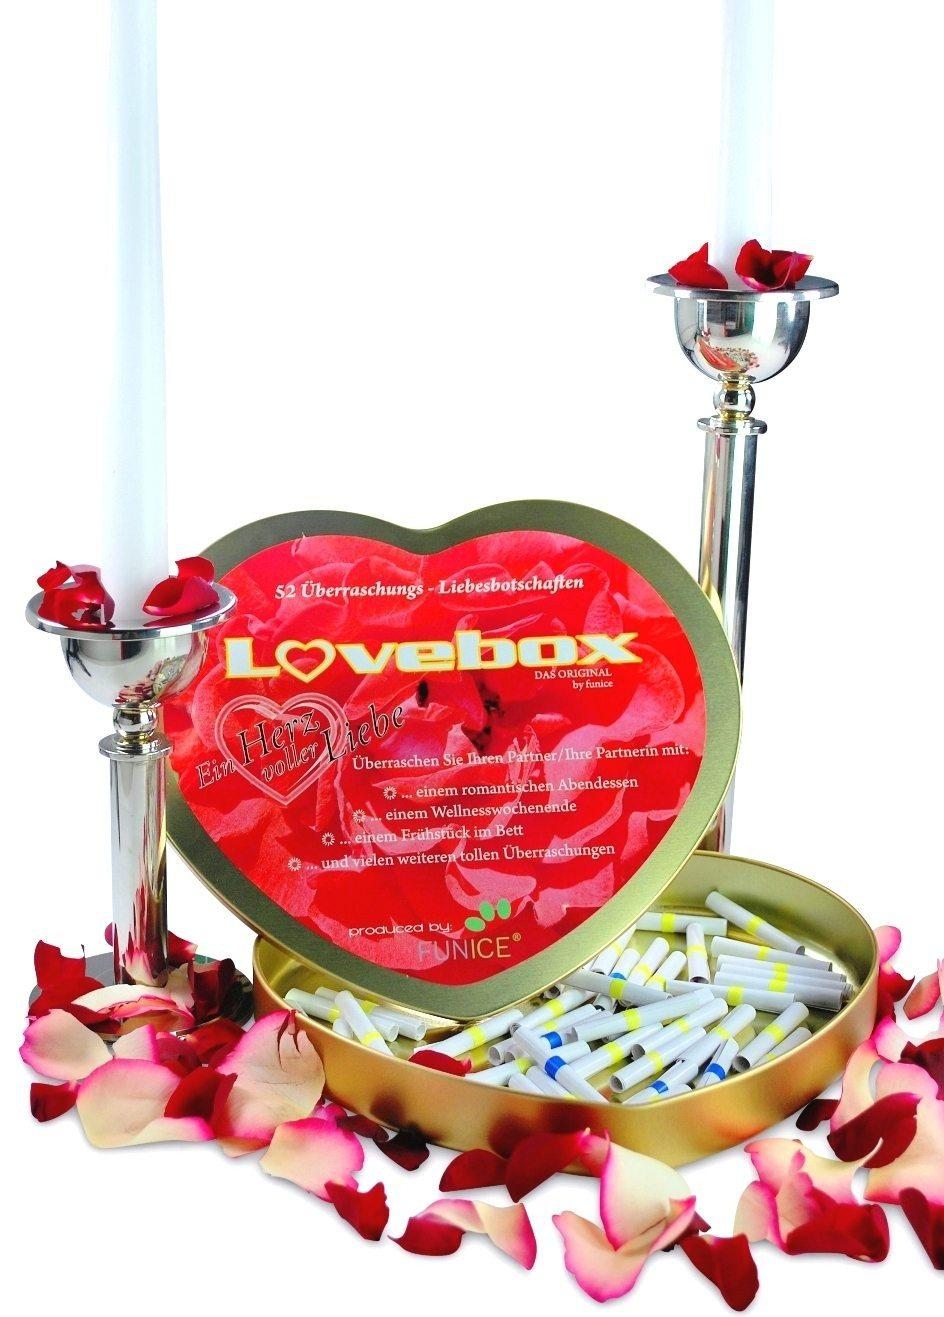 Liebesbox mit 52 Losen